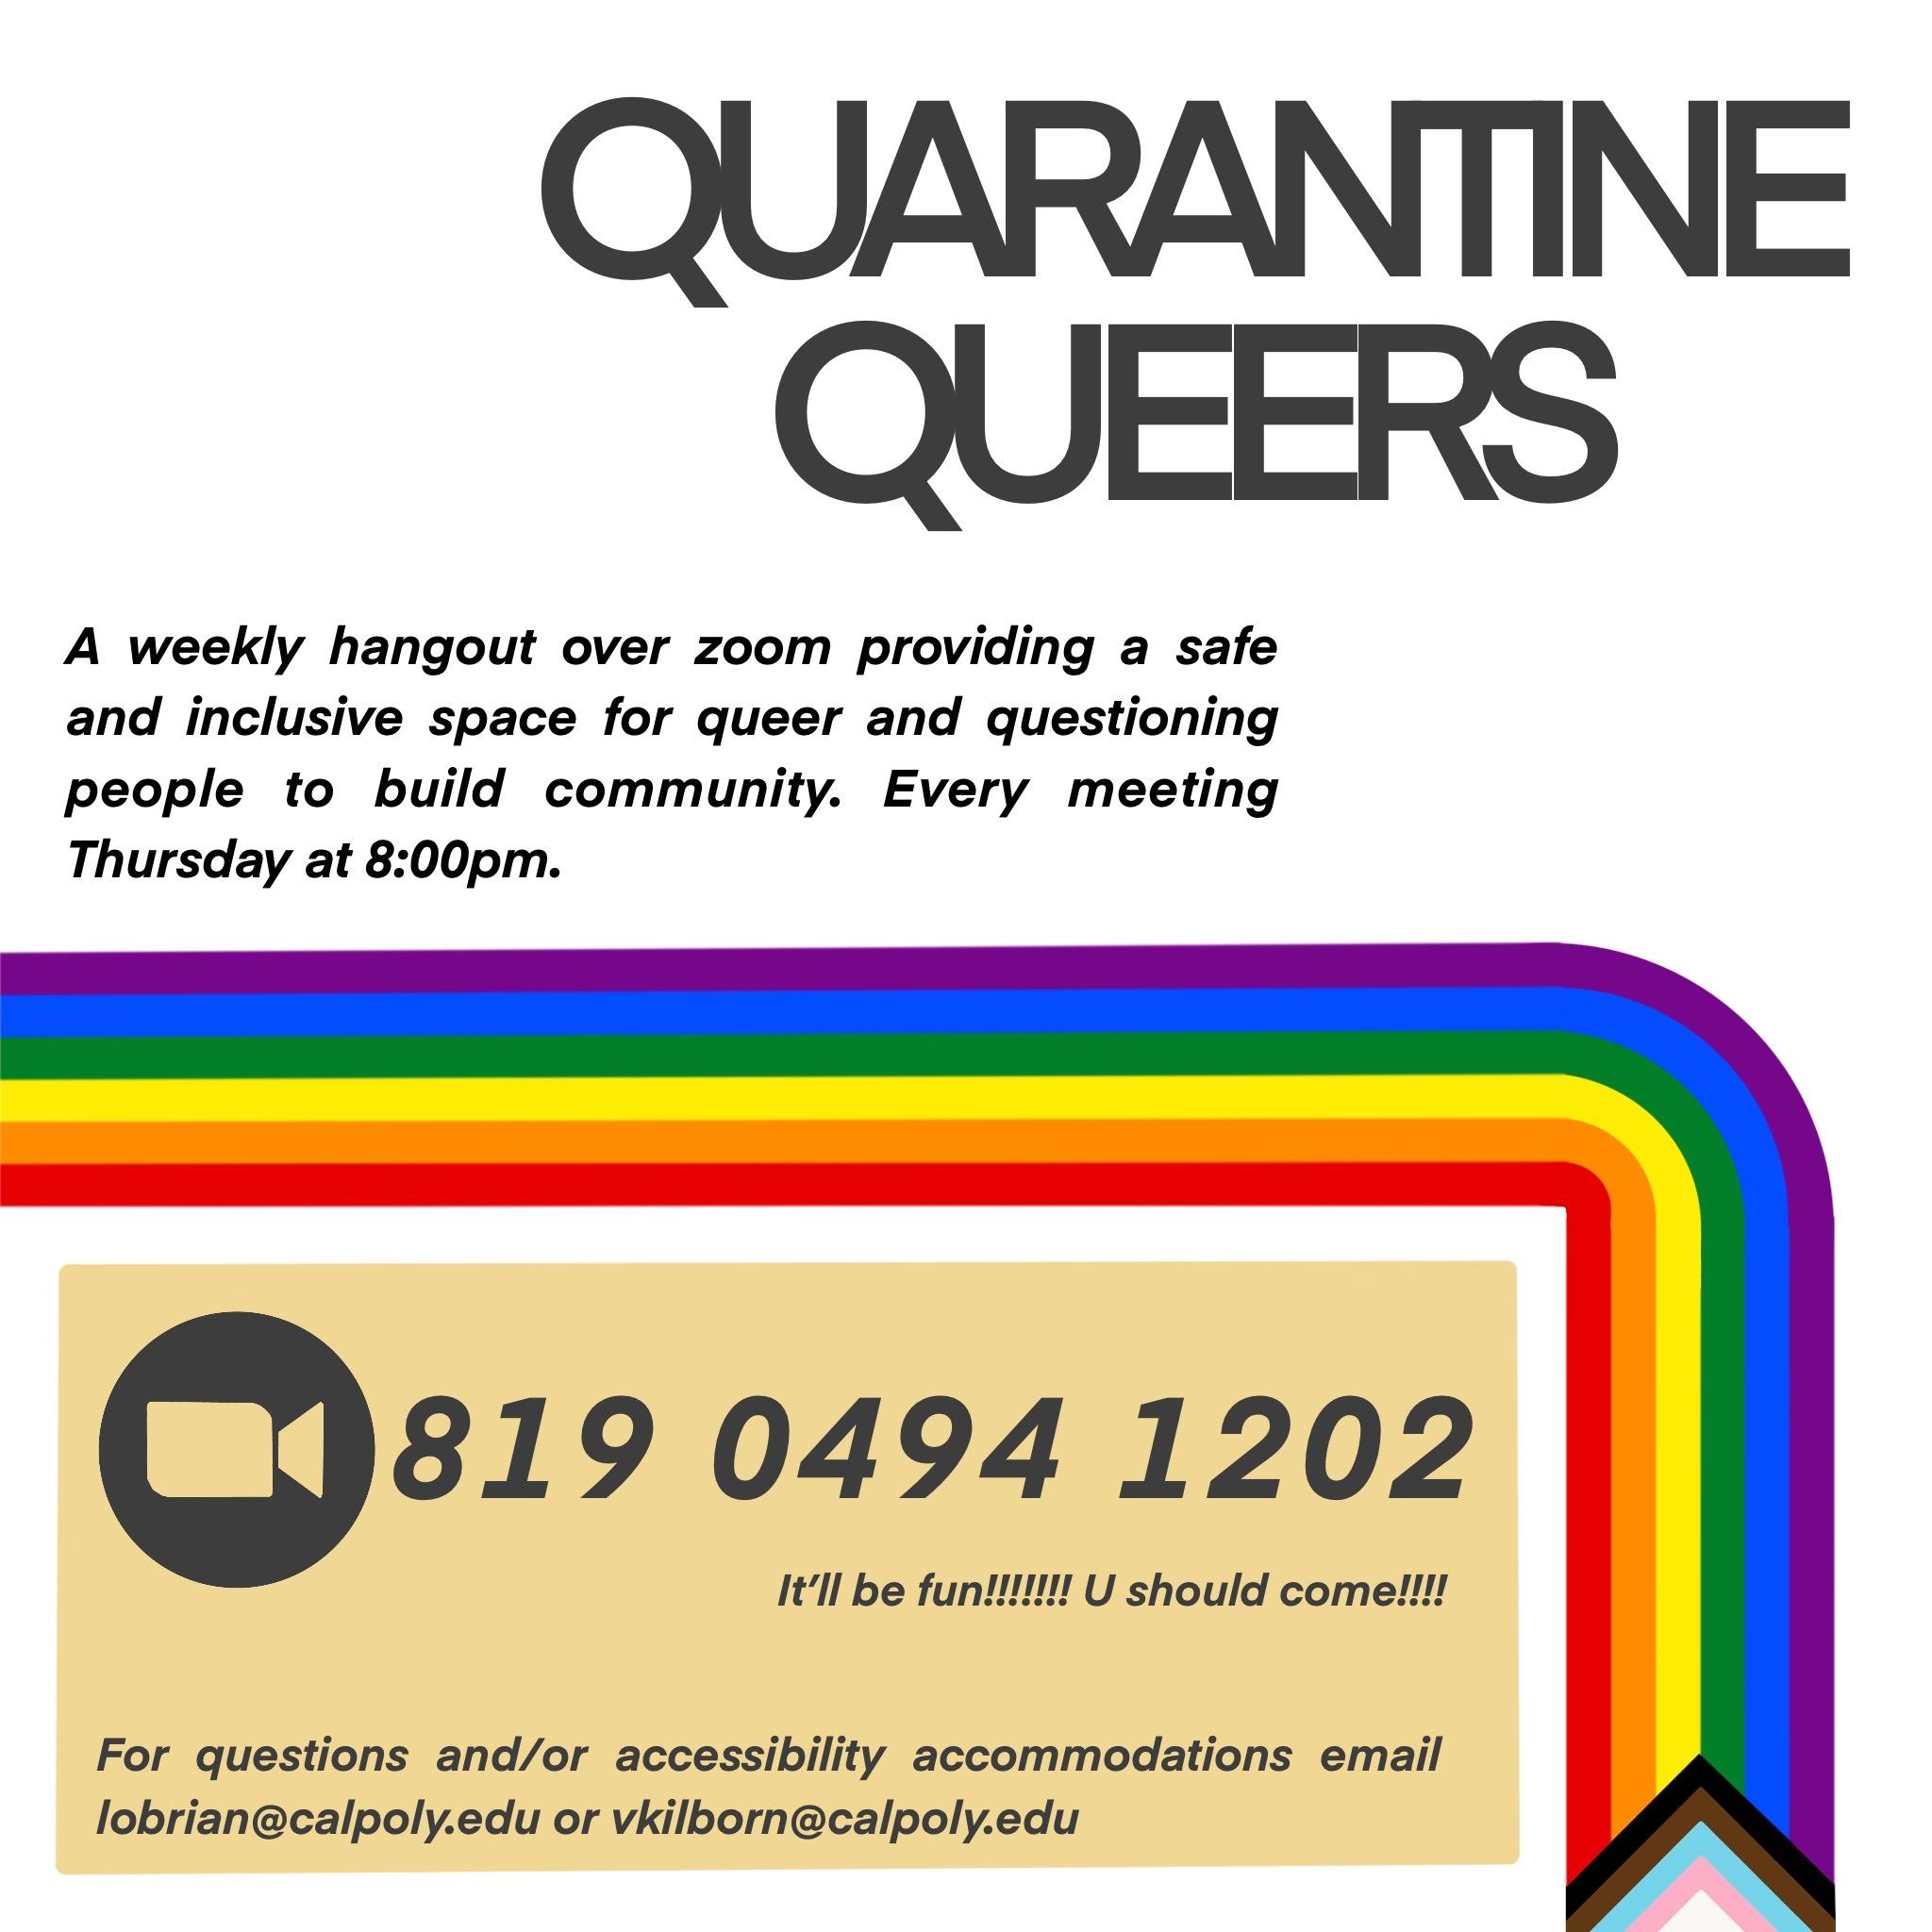 Quarantine Queers Group